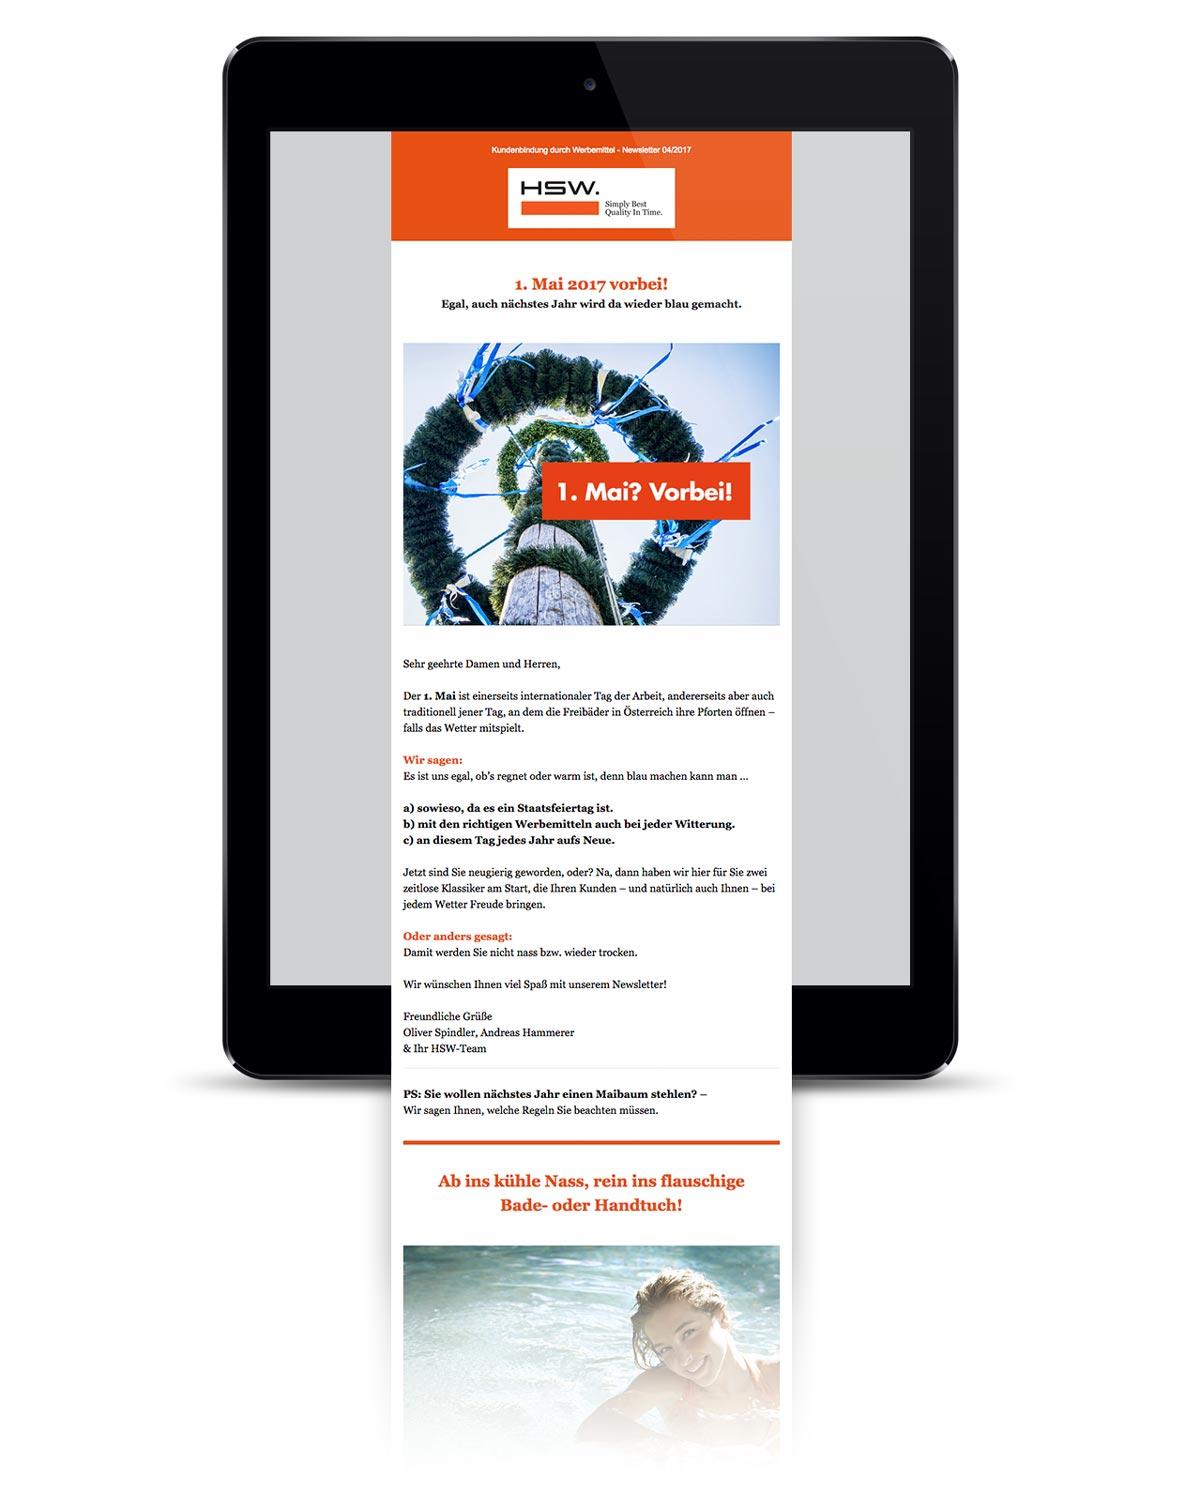 newsletter-hsw-werbemittel-designkitchen-3.jpg